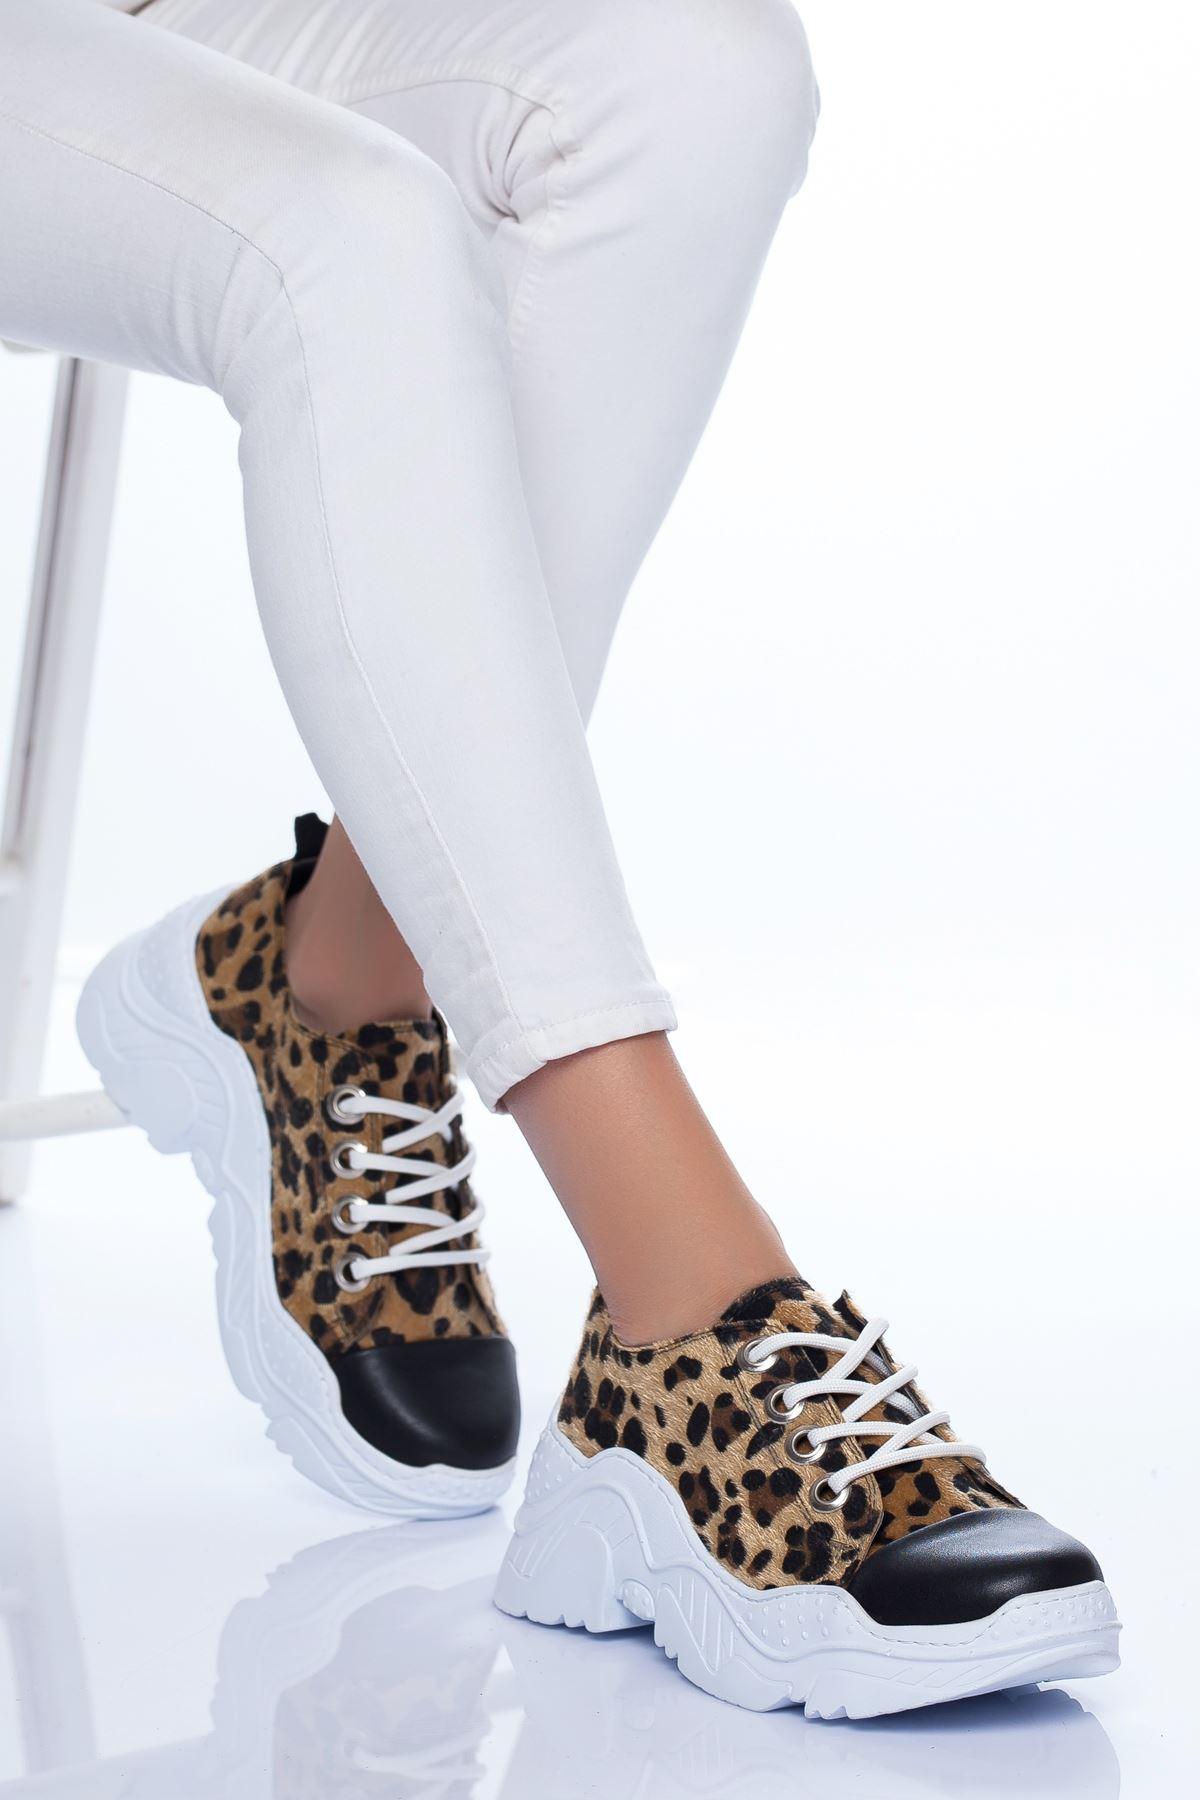 Lola Spor Ayakkabı LEOPAR